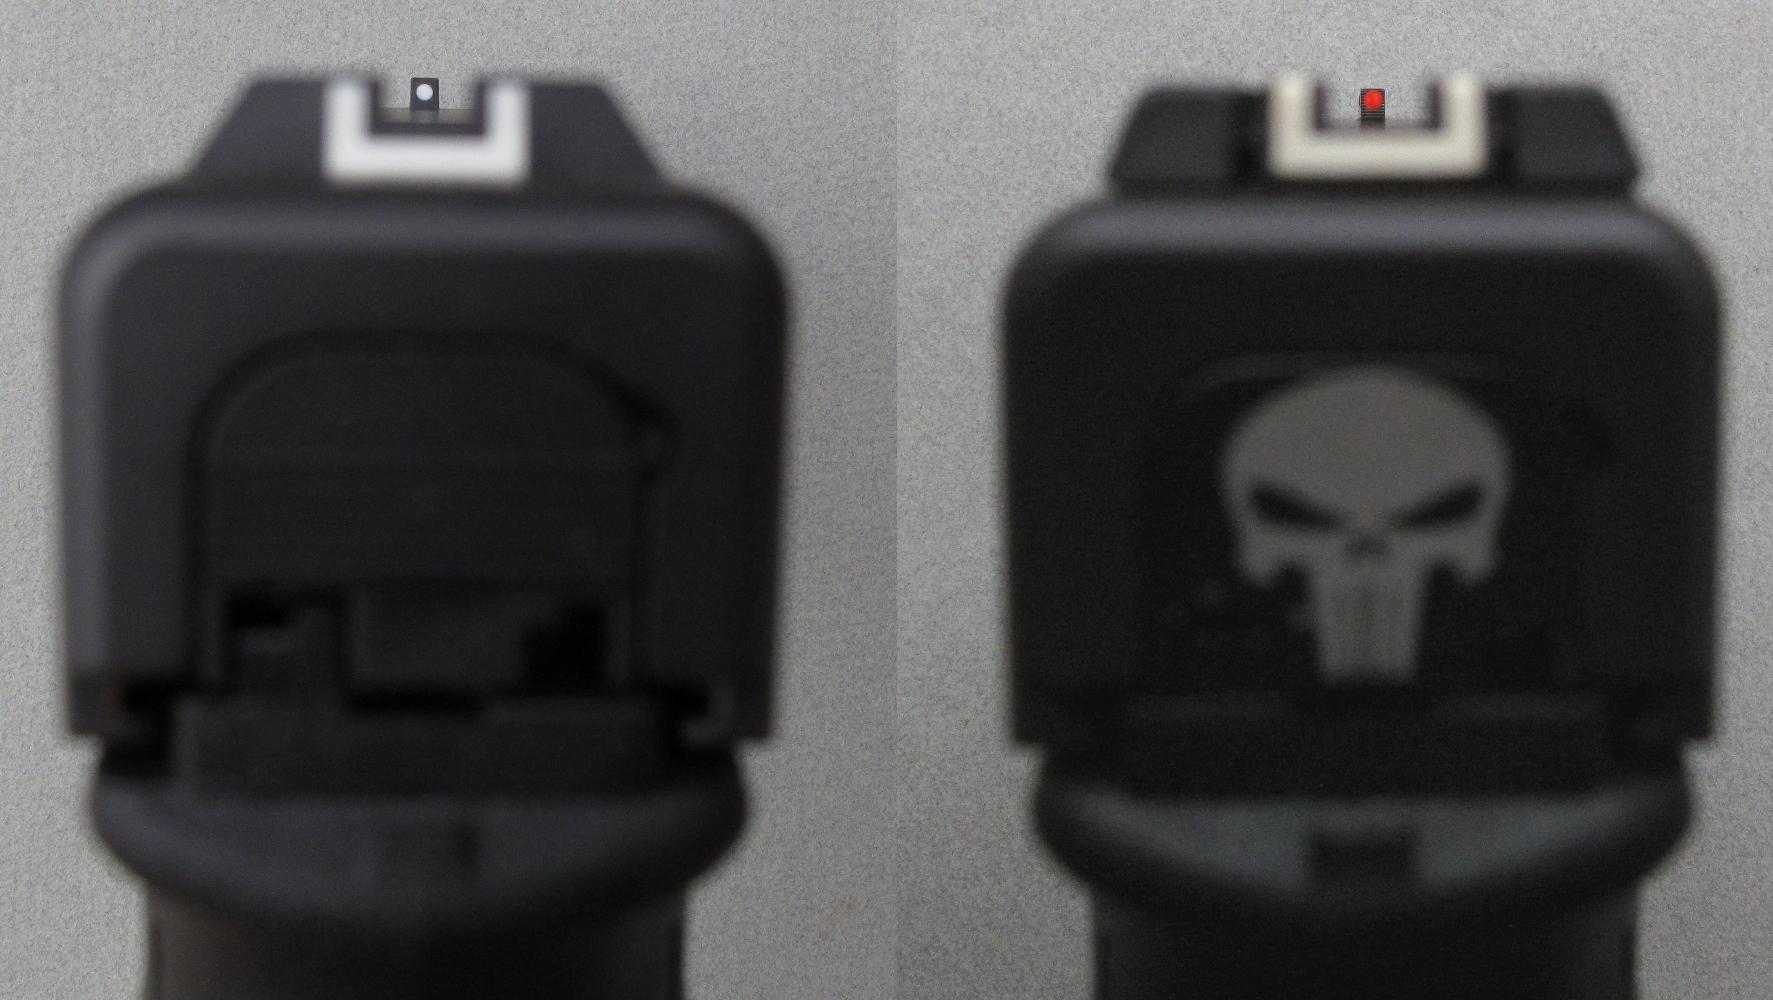 Comparaison entre la prise de visée standard (à gauche) et la prise de visée avec hausse réglable et fibre optique. Tenez compte du fait, d'une part, que l'objectif de l'appareil photo fait paraître le guidon plus petit que ne le voit l'œil du tireur et que, d'autre part, la luminosité de la fibre optique n'apparaît pas sur cette photo prise en intérieur.